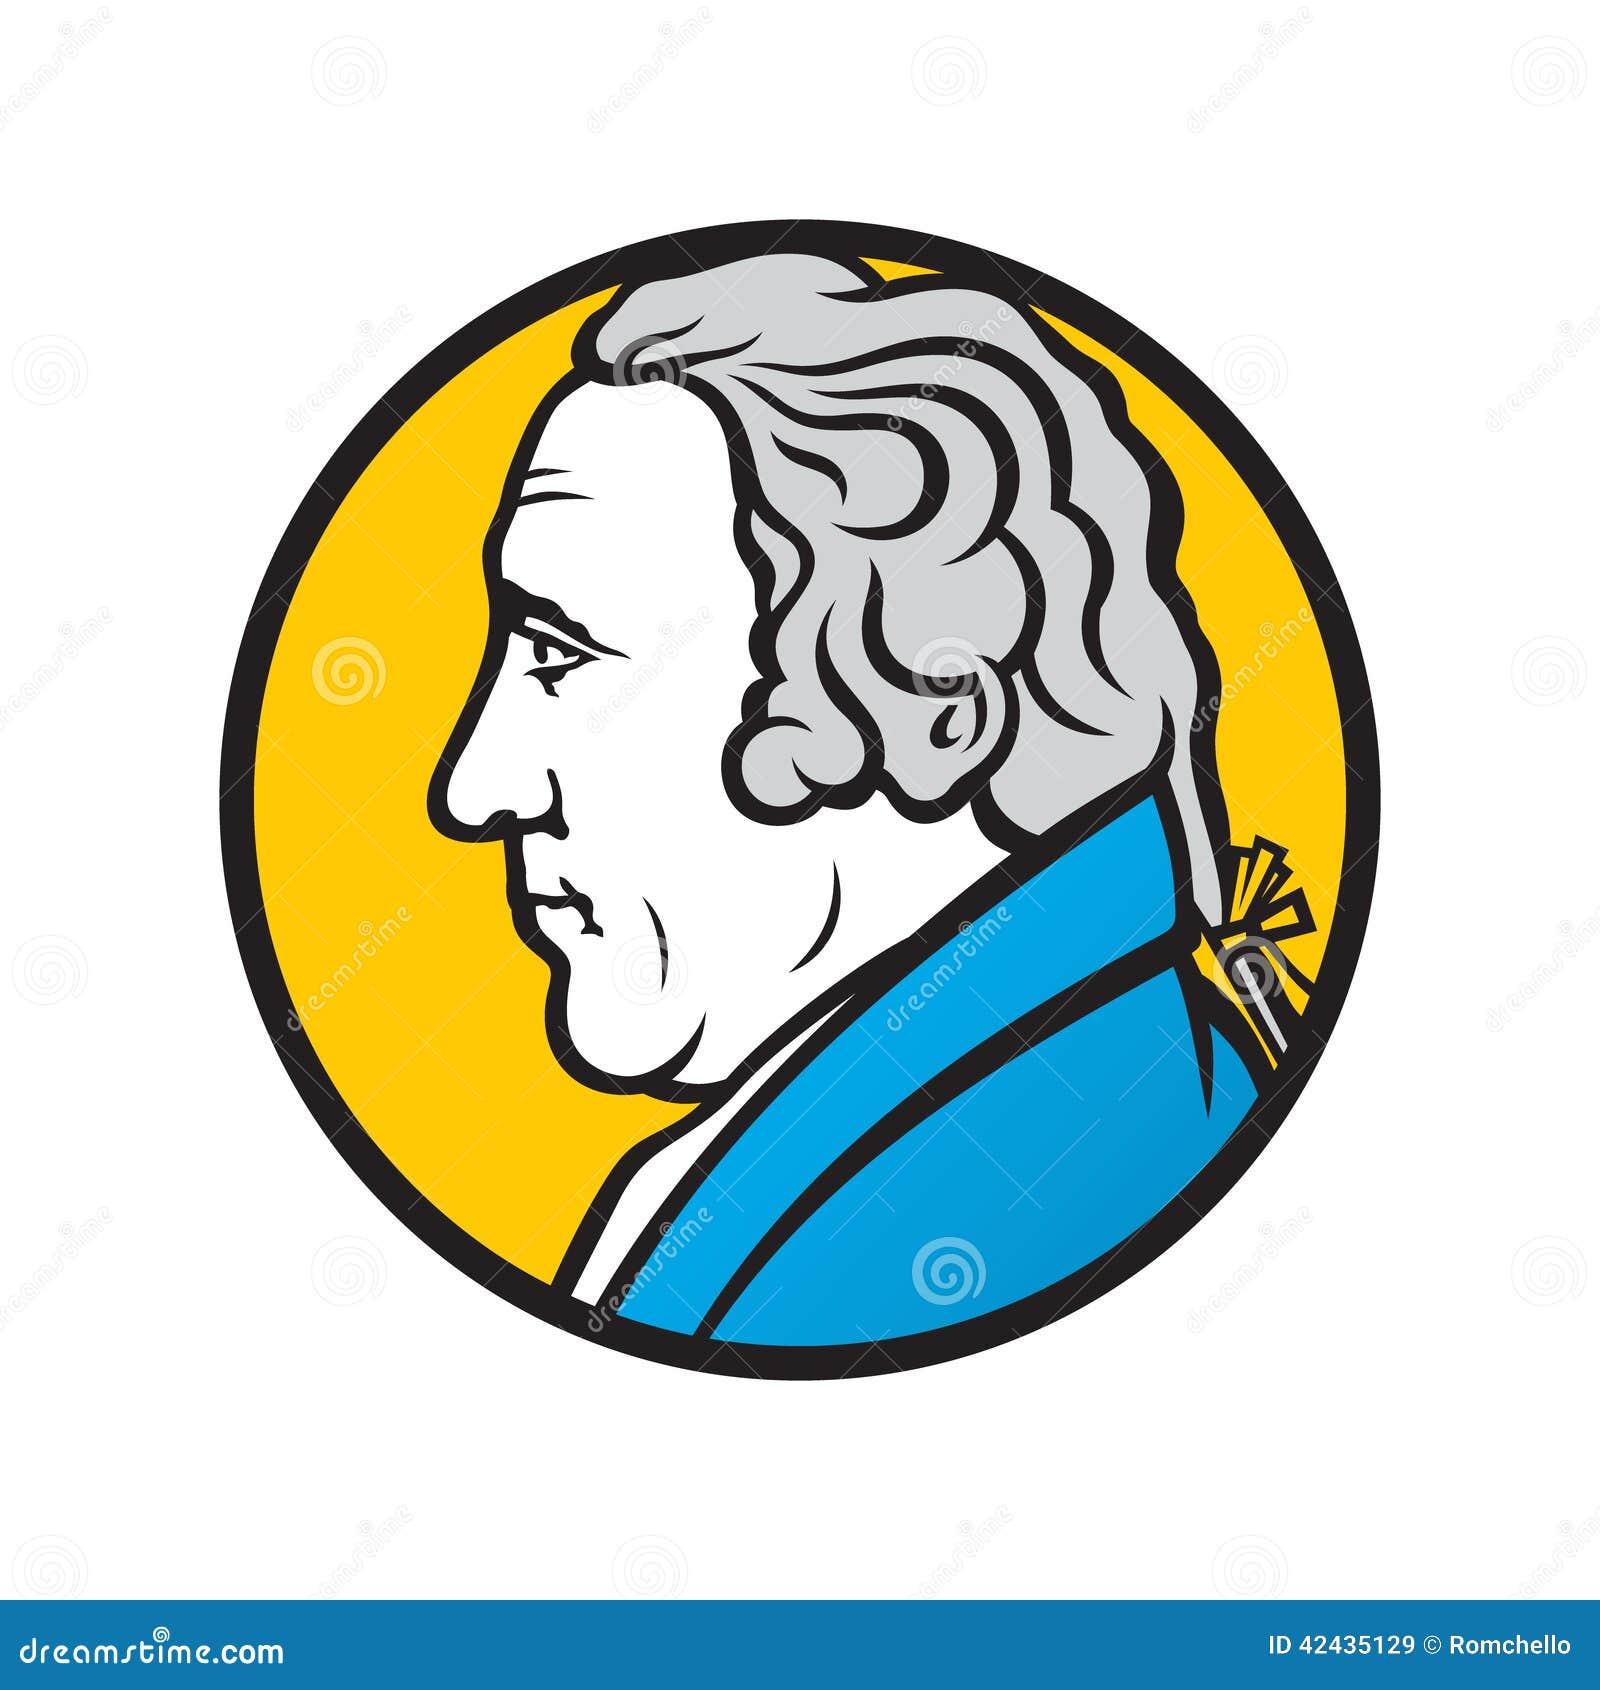 Tekniker och uppfinnare James Watt